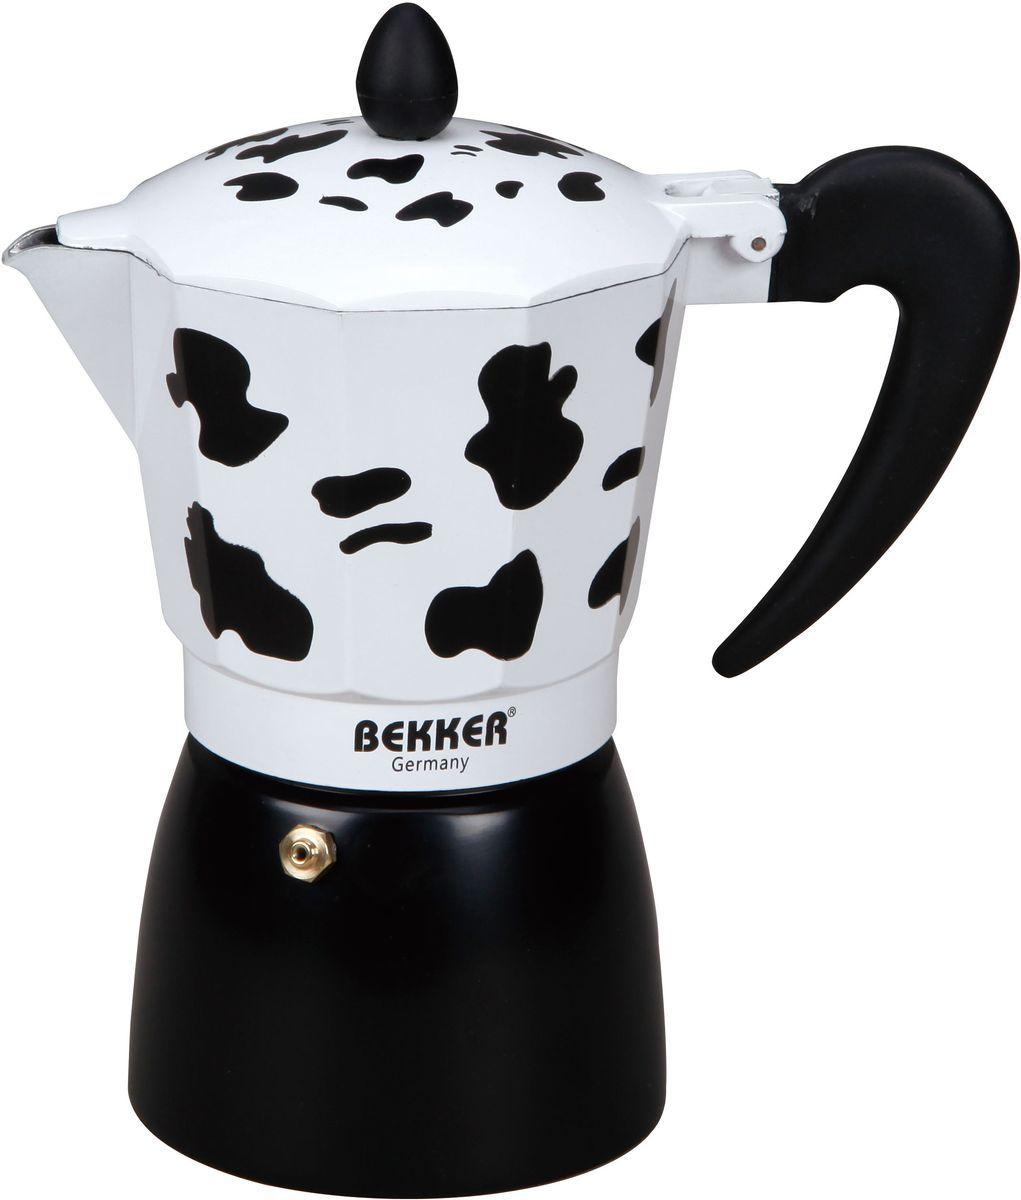 """Гейзерная кофеварка """"Bekker"""" позволит вам приготовить  ароматный напиток за короткое время. Корпус кофеварки  изготовлен из высококачественного алюминия. Кофеварка  состоит из двух соединенных между  собой емкостей и снабжена алюминиевым фильтром. Удобная  ручка выполнена из прочного пластика. Данная модель предельно проста в использовании, в ней  отсутствуют подвижные части и нагревательные элементы,  поэтому в ней нечему ломаться. Гейзерные кофеварки  являются самыми популярными в мире и позволяют  приготовить ароматный кофе за считанные минуты. Основной принцип действия гейзерной кофеварки  состоит в том, что напиток заваривается путем прохождения  горячей воды через слой молотого кофе. В нижнюю часть  гейзерной кофеварки заливается вода, в промежуточную  часть засыпается молотый кофе, кофеварка ставится на огонь  или электрическую плиту. Закипая, вода начинает испаряться  и превращается в пар. Избыточное давление пара в нижней  части кофеварки выдавливает горячую воду через молотый  кофе и подобно небольшому гейзеру попадает в верхний  отсек, где и собирается в готовый кофе. Время приготовления  в гейзерной кофеварке составляет примерно 5 минут."""